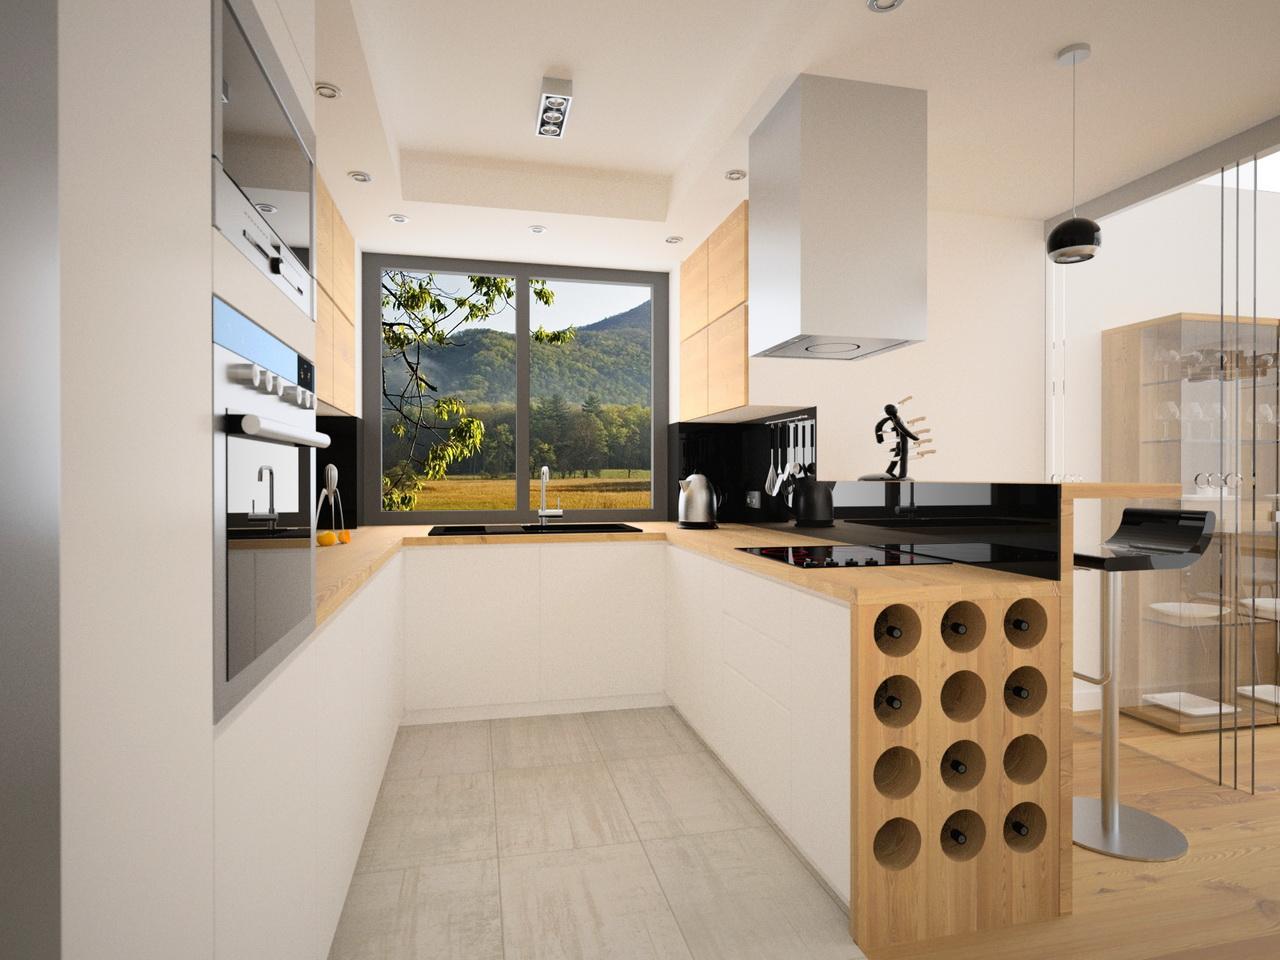 półki na wino w kuchni